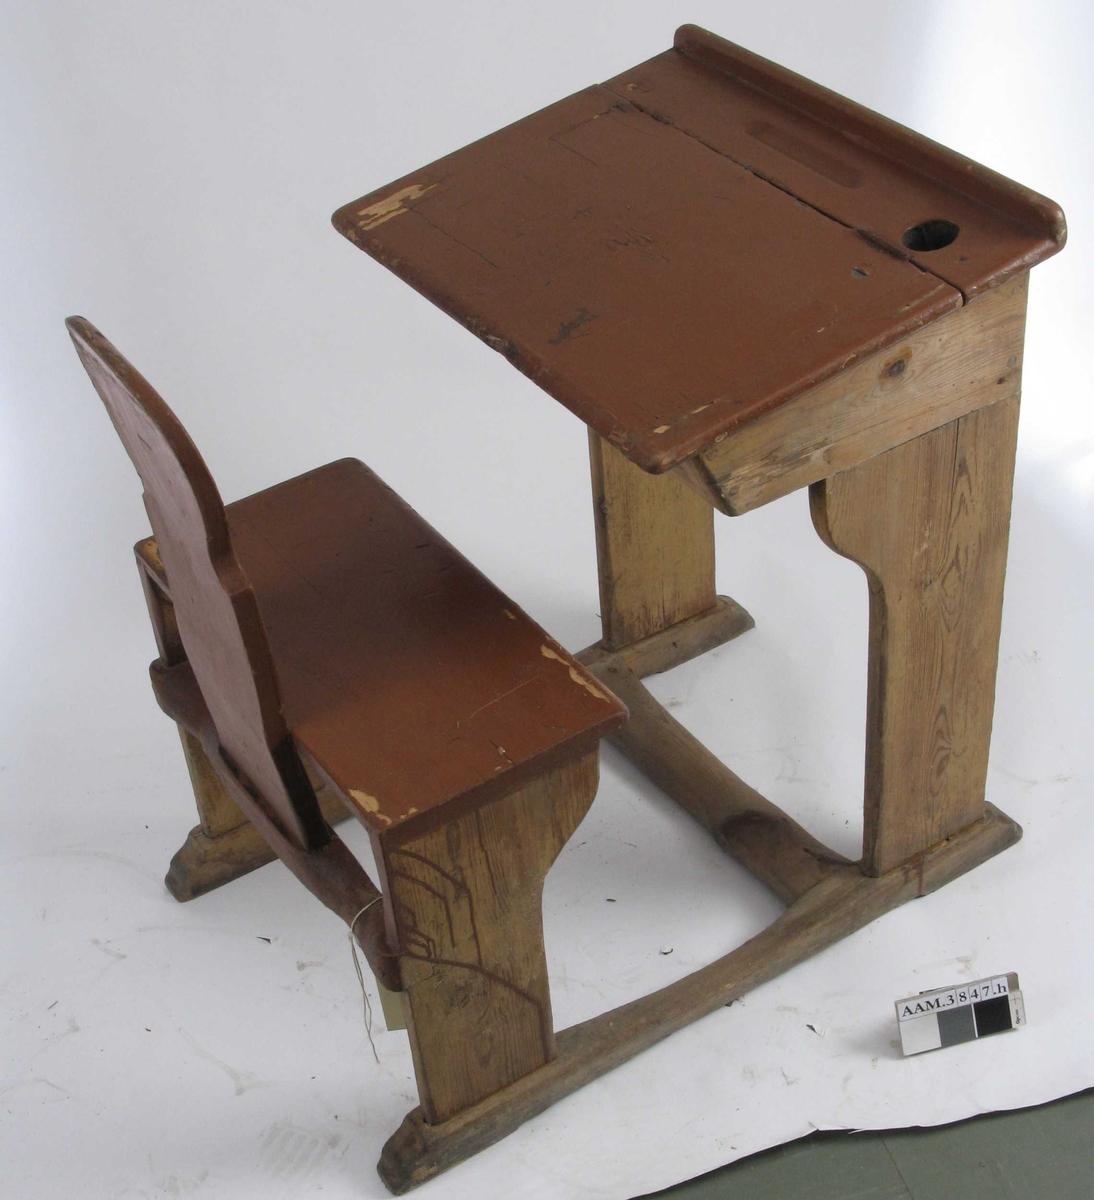 Form: Vanger m. pult og stol i ett. Rom for oppbevaring under plata. Dels umalte sider, dels ådring. TN har 2008 reparert med ny hjørnekloss .